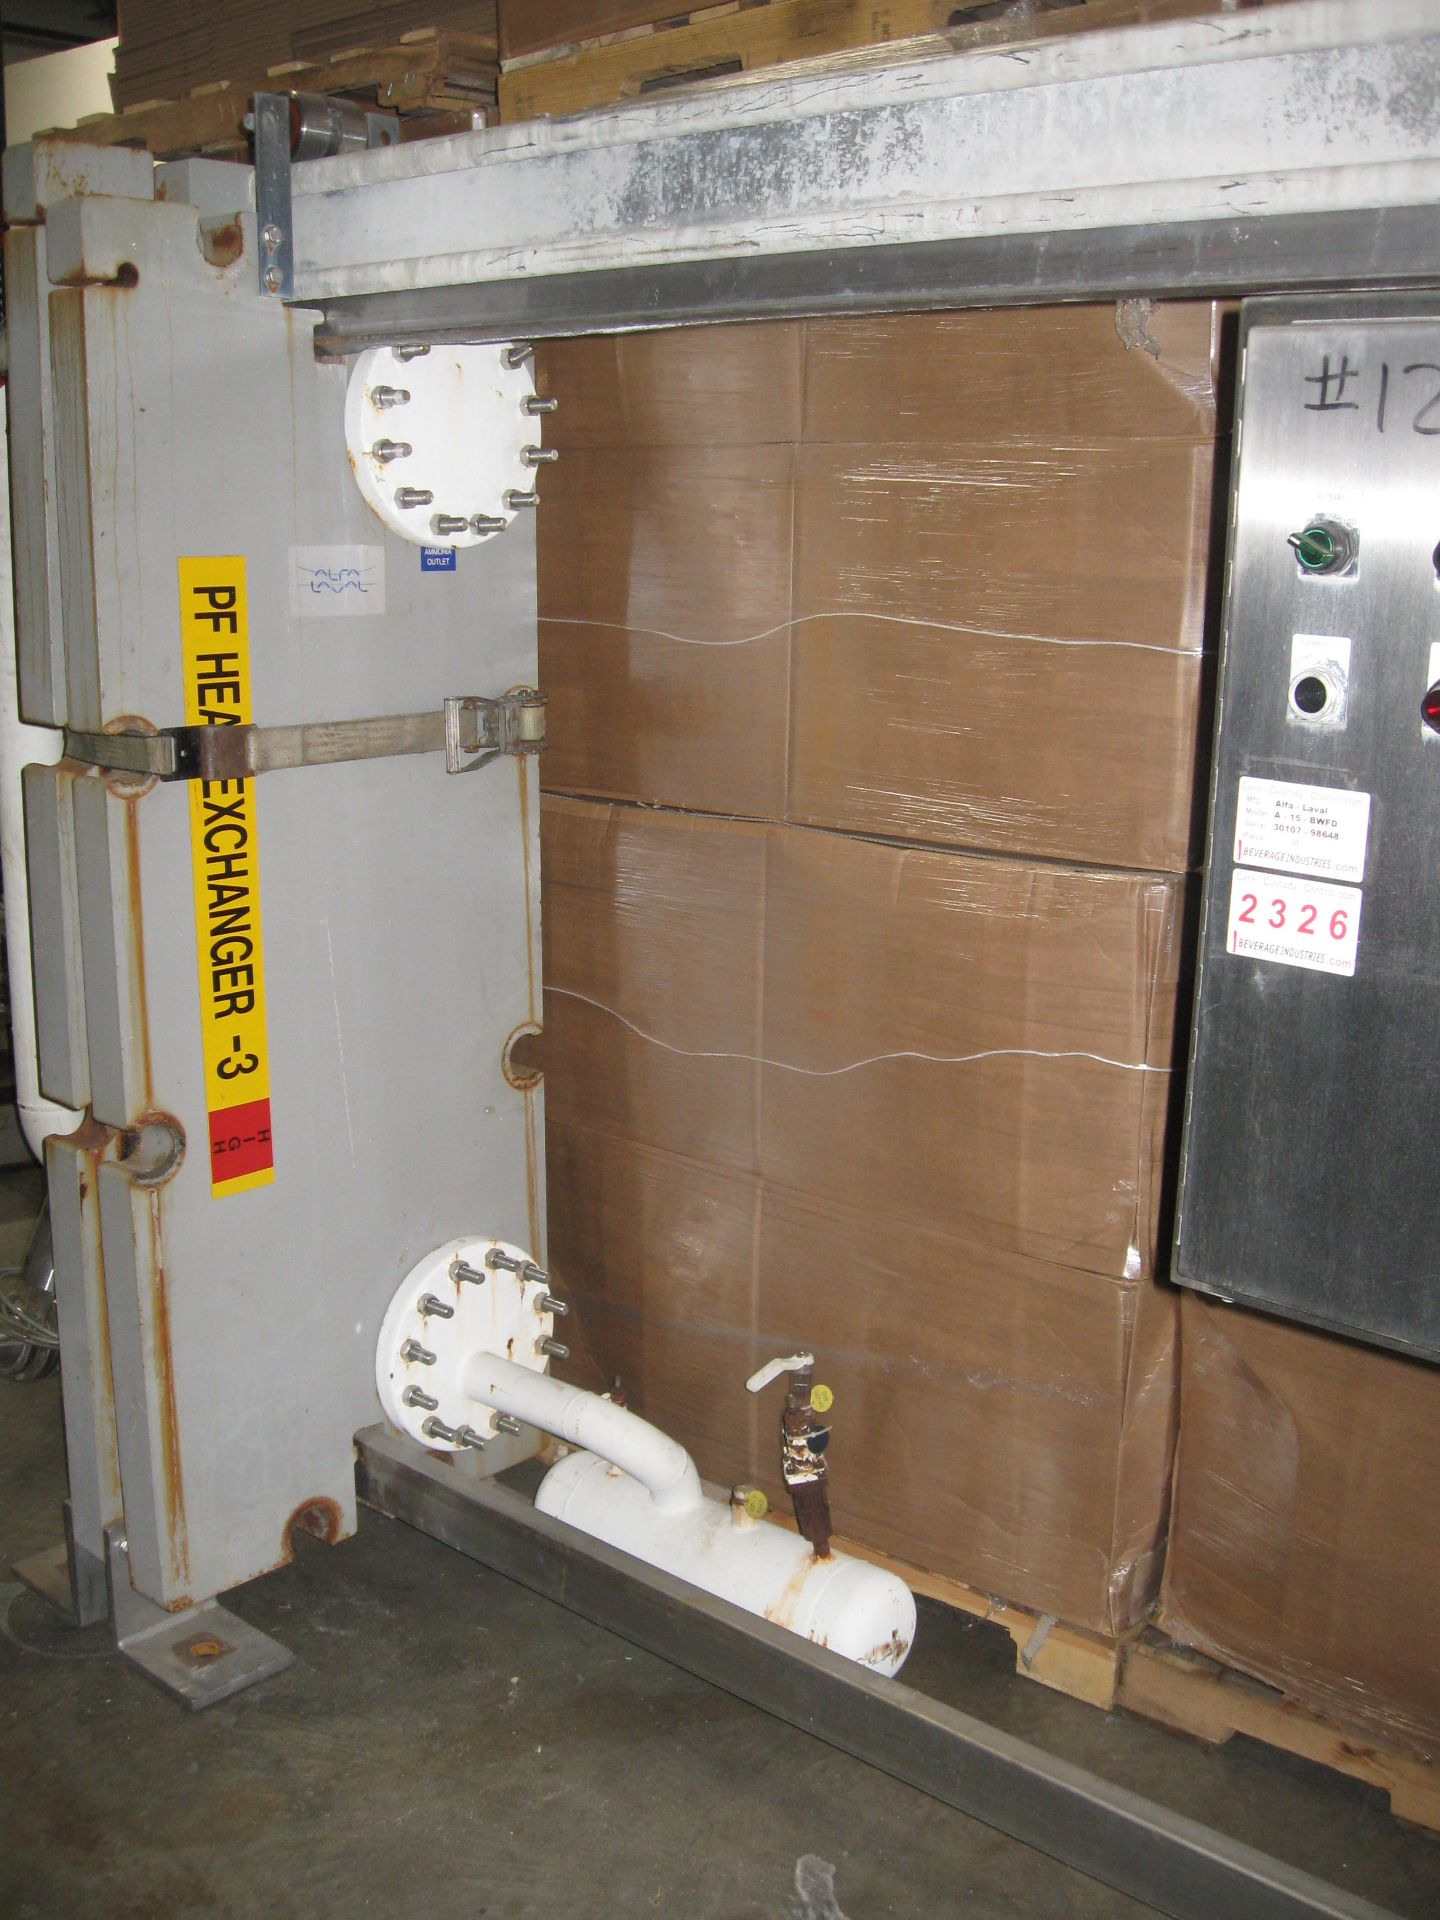 Lot 102 - Plate Heat Exchanger